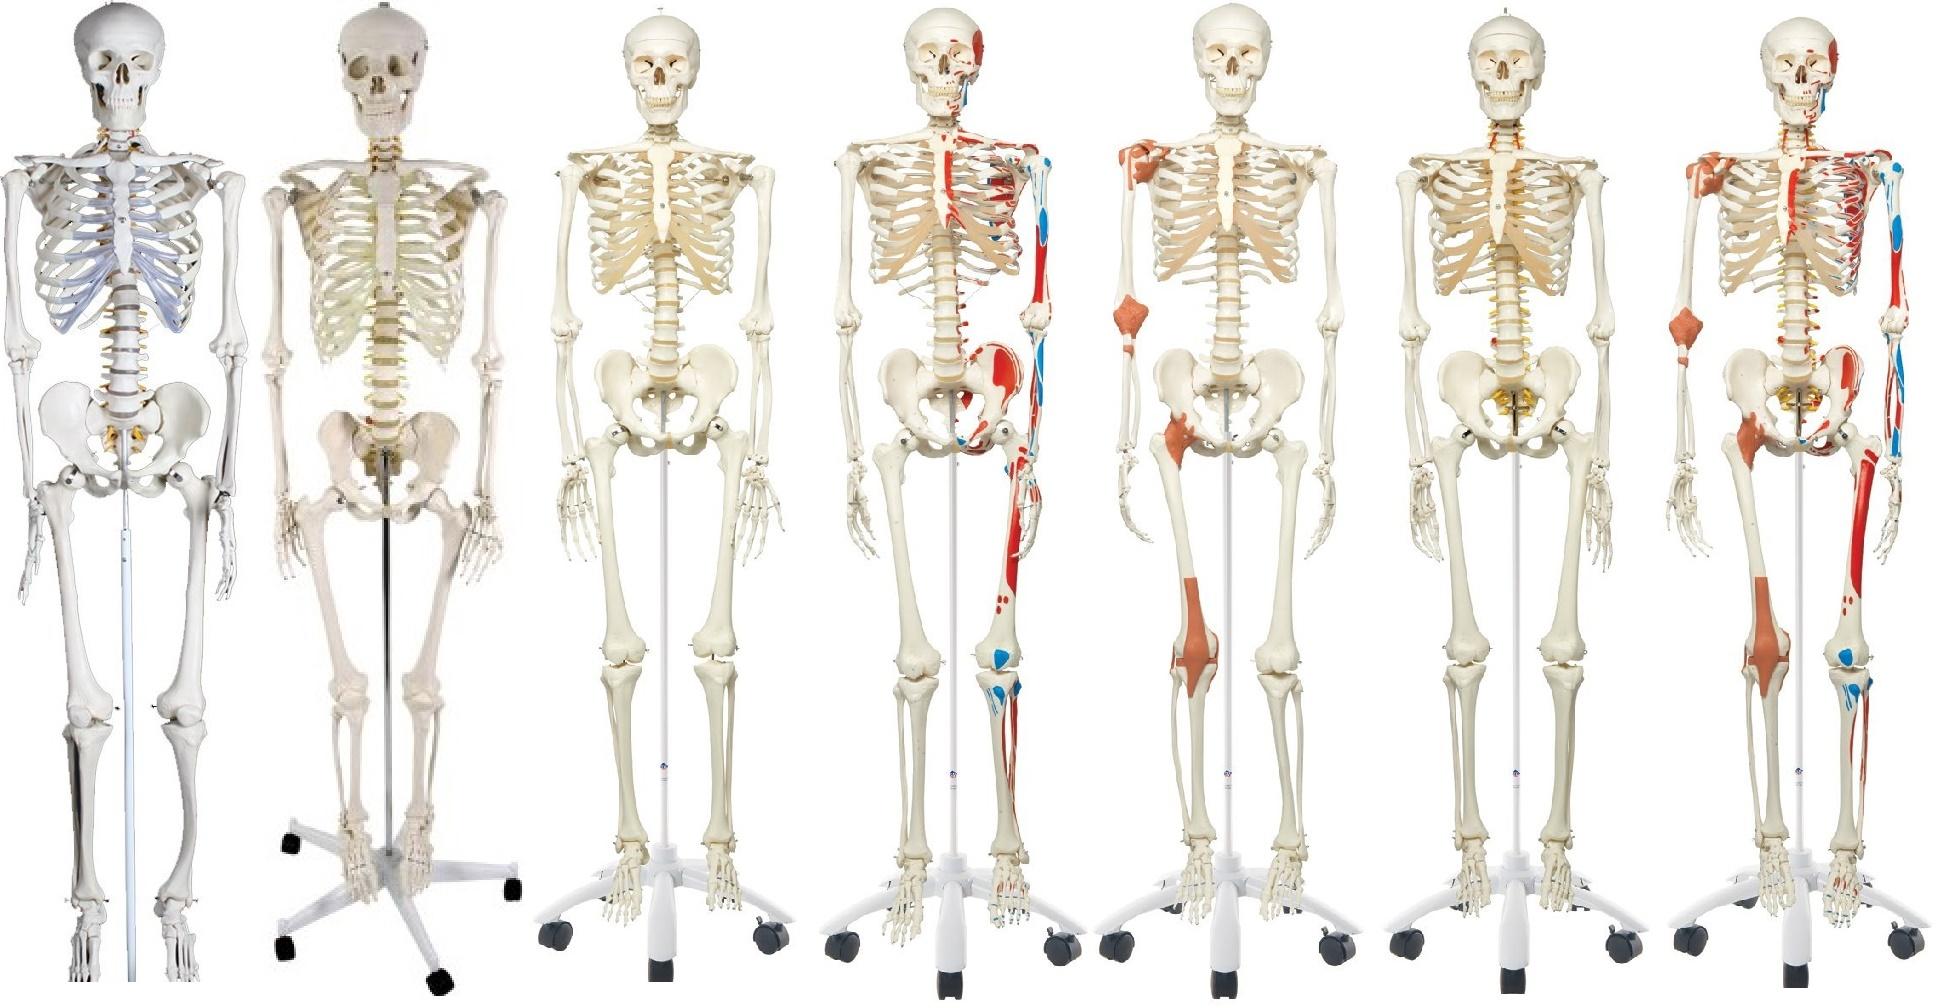 Anatomie Skelett Test - Skelettmodell Vergleich mit Tabelle Top 7